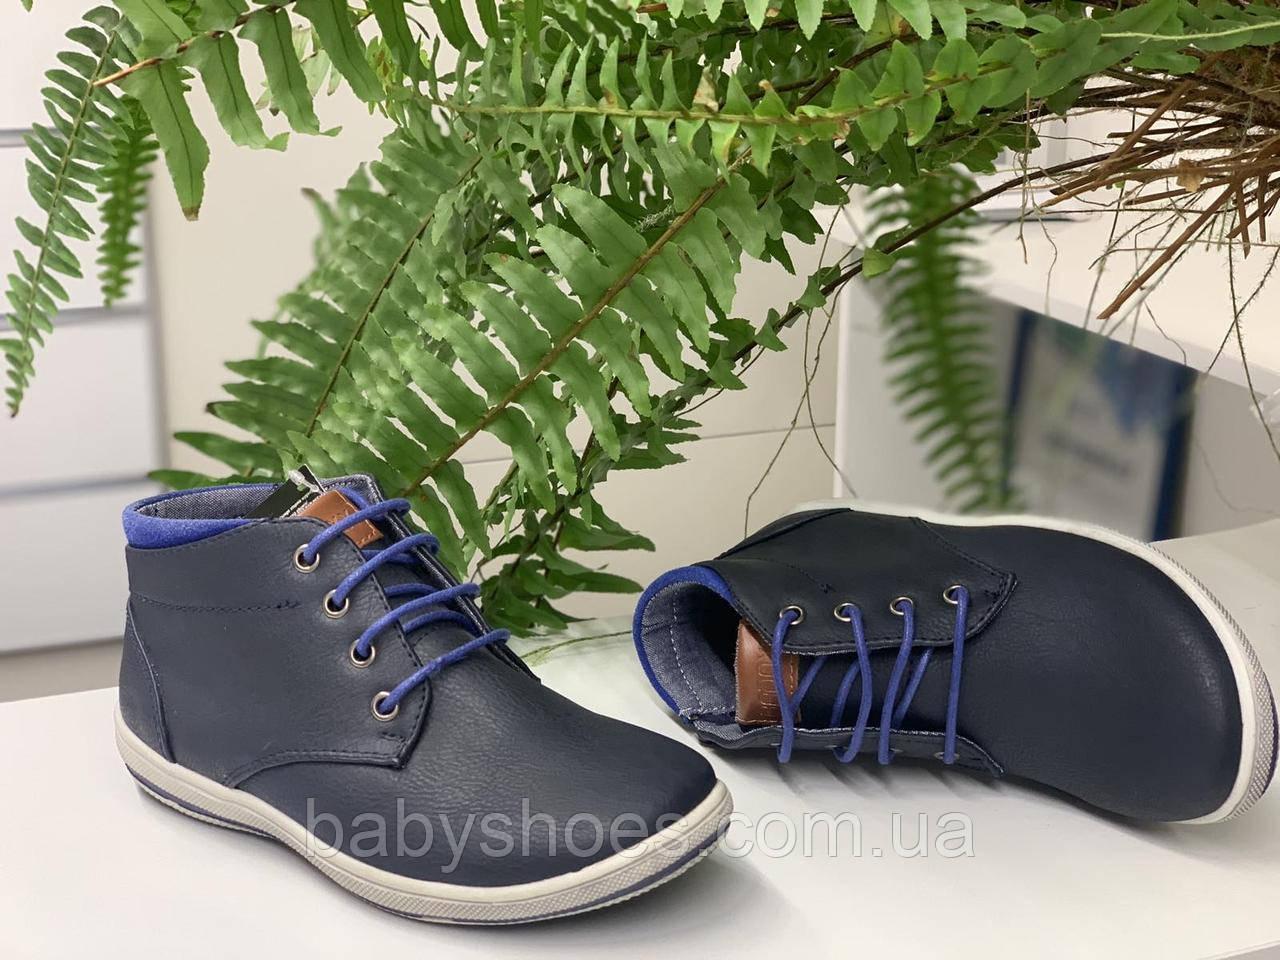 Демисезонные ботинки для мальчика Badoxx Польша. р.31-36,  ДМ-60-с